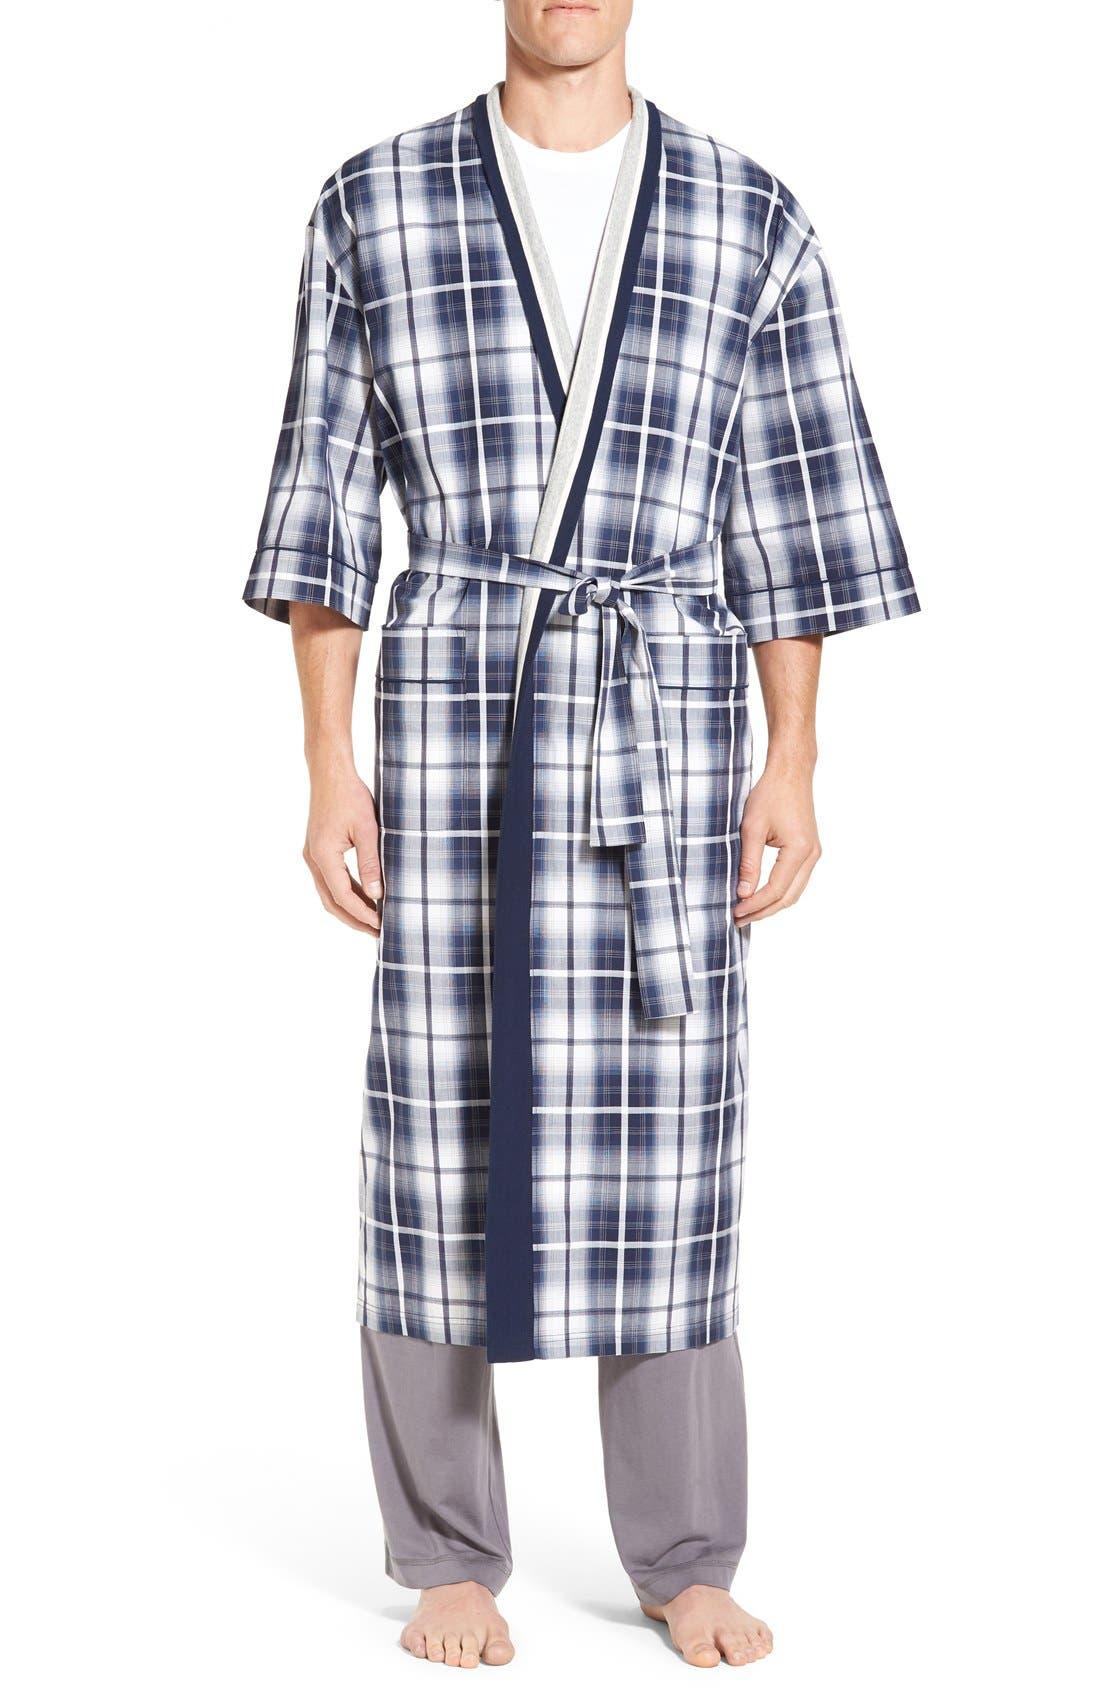 'Mad 4 Plaid' Robe,                             Main thumbnail 1, color,                             410